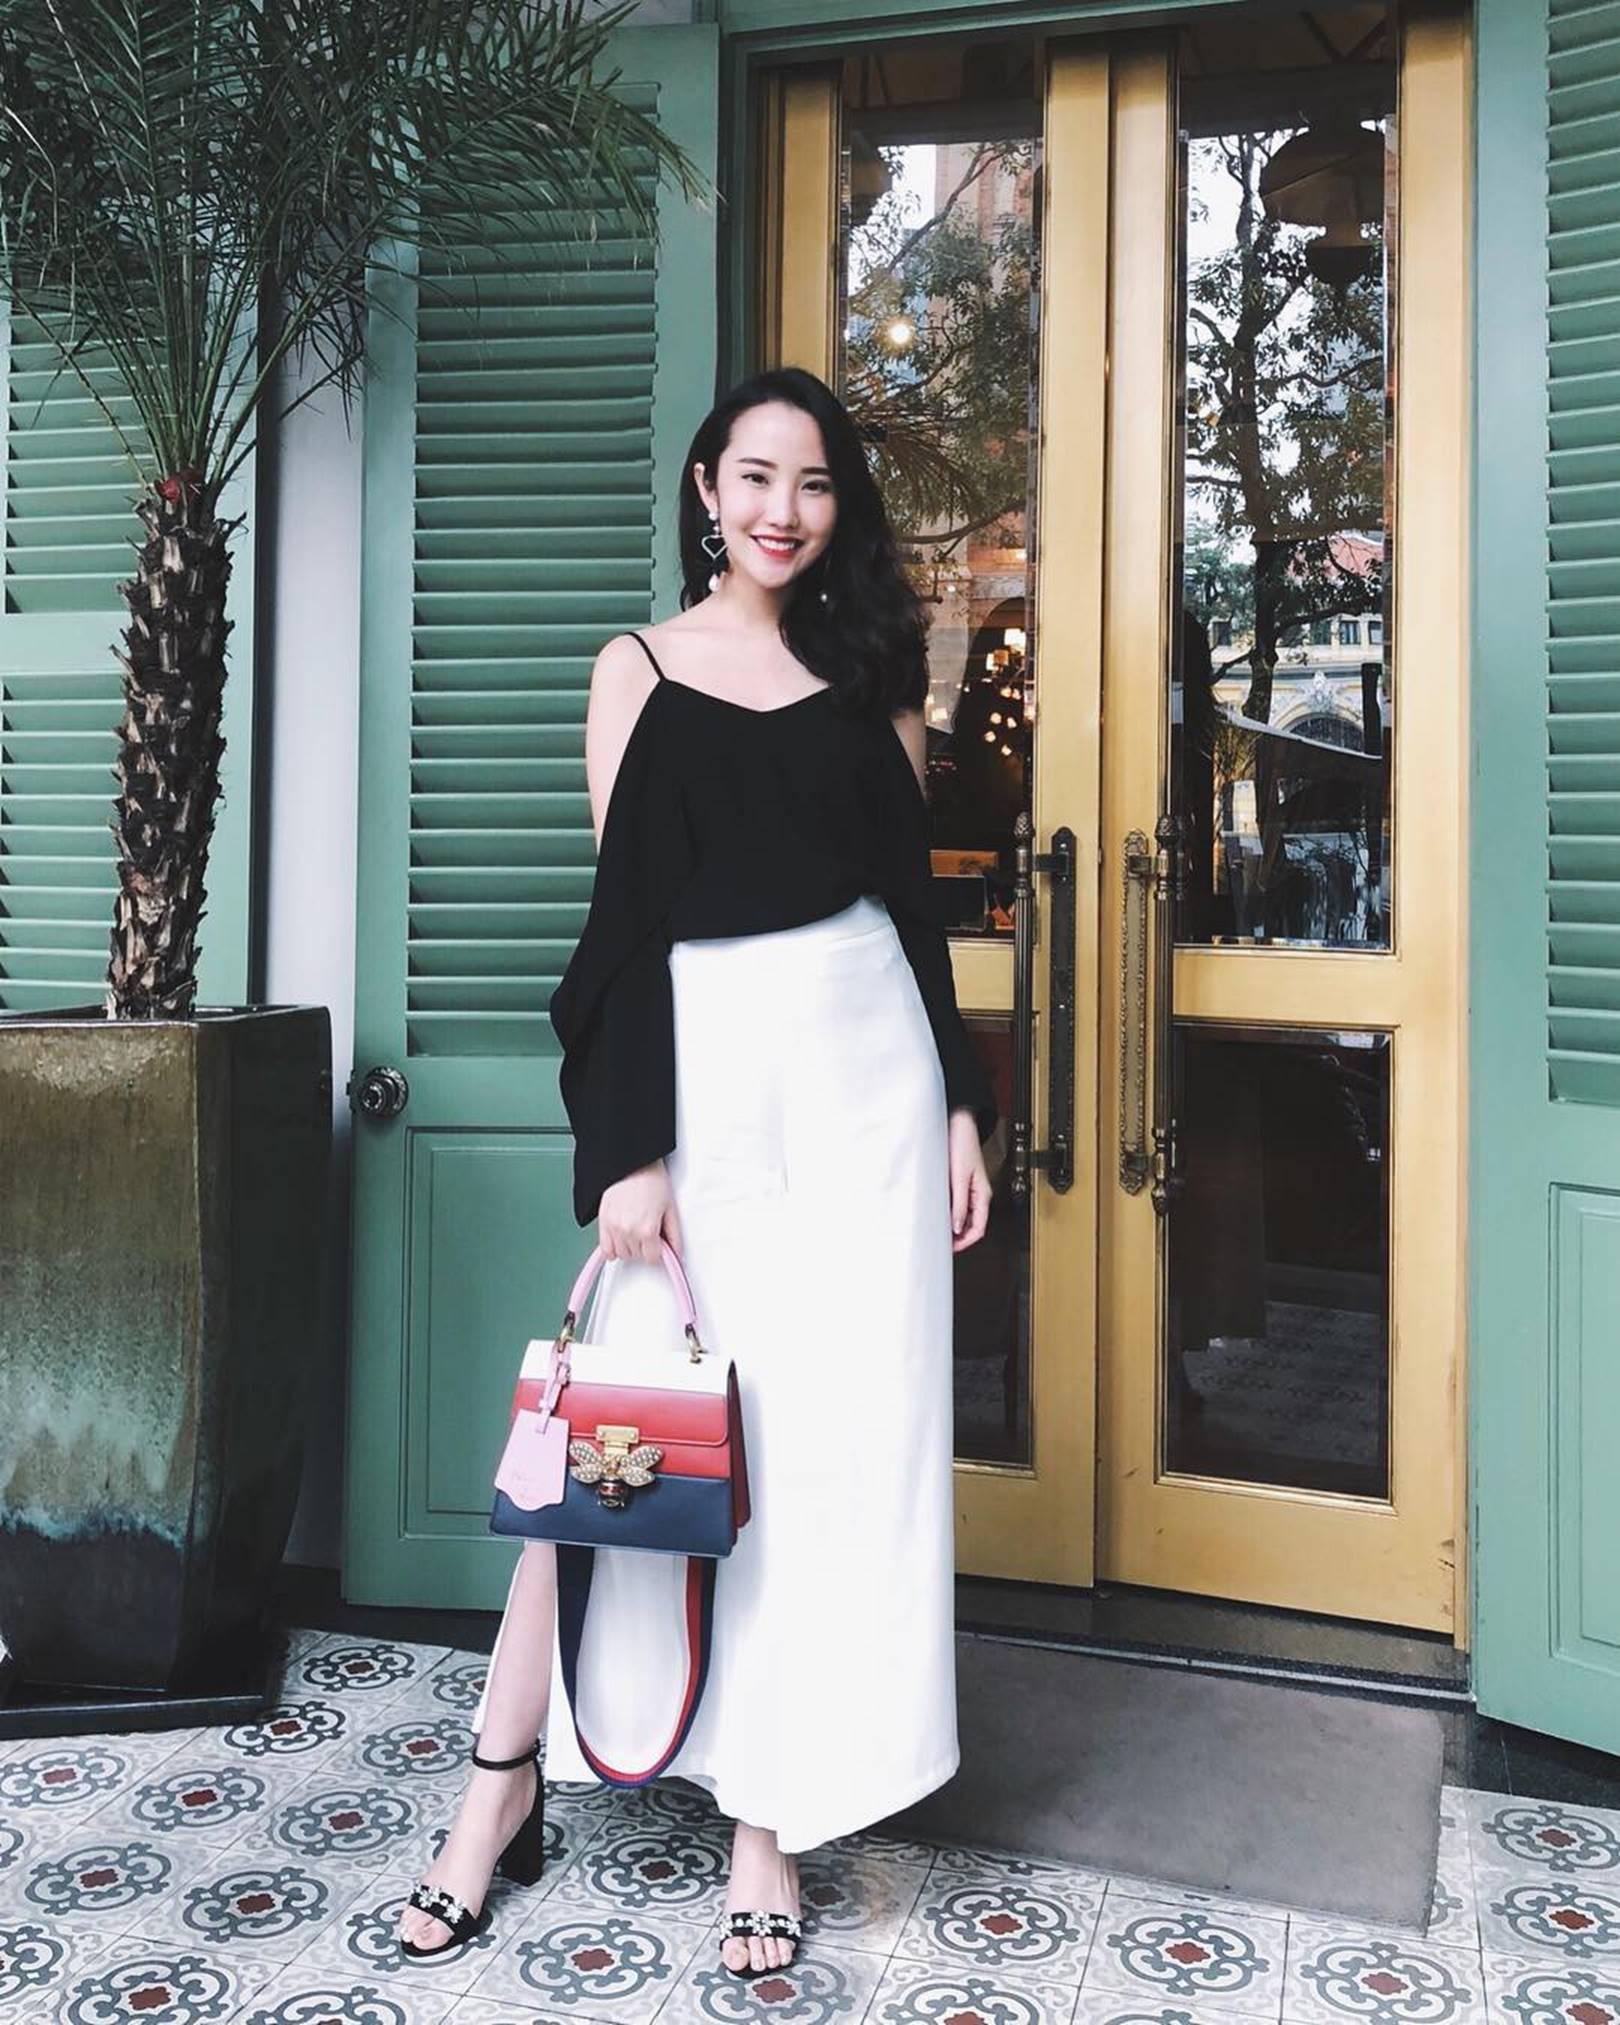 3 ái nữ cành vàng lá ngọc nhà đại gia Việt: Thay đồ hiệu như thay áo, xách túi hiệu như xách giỏ đi chợ mỗi ngày-33